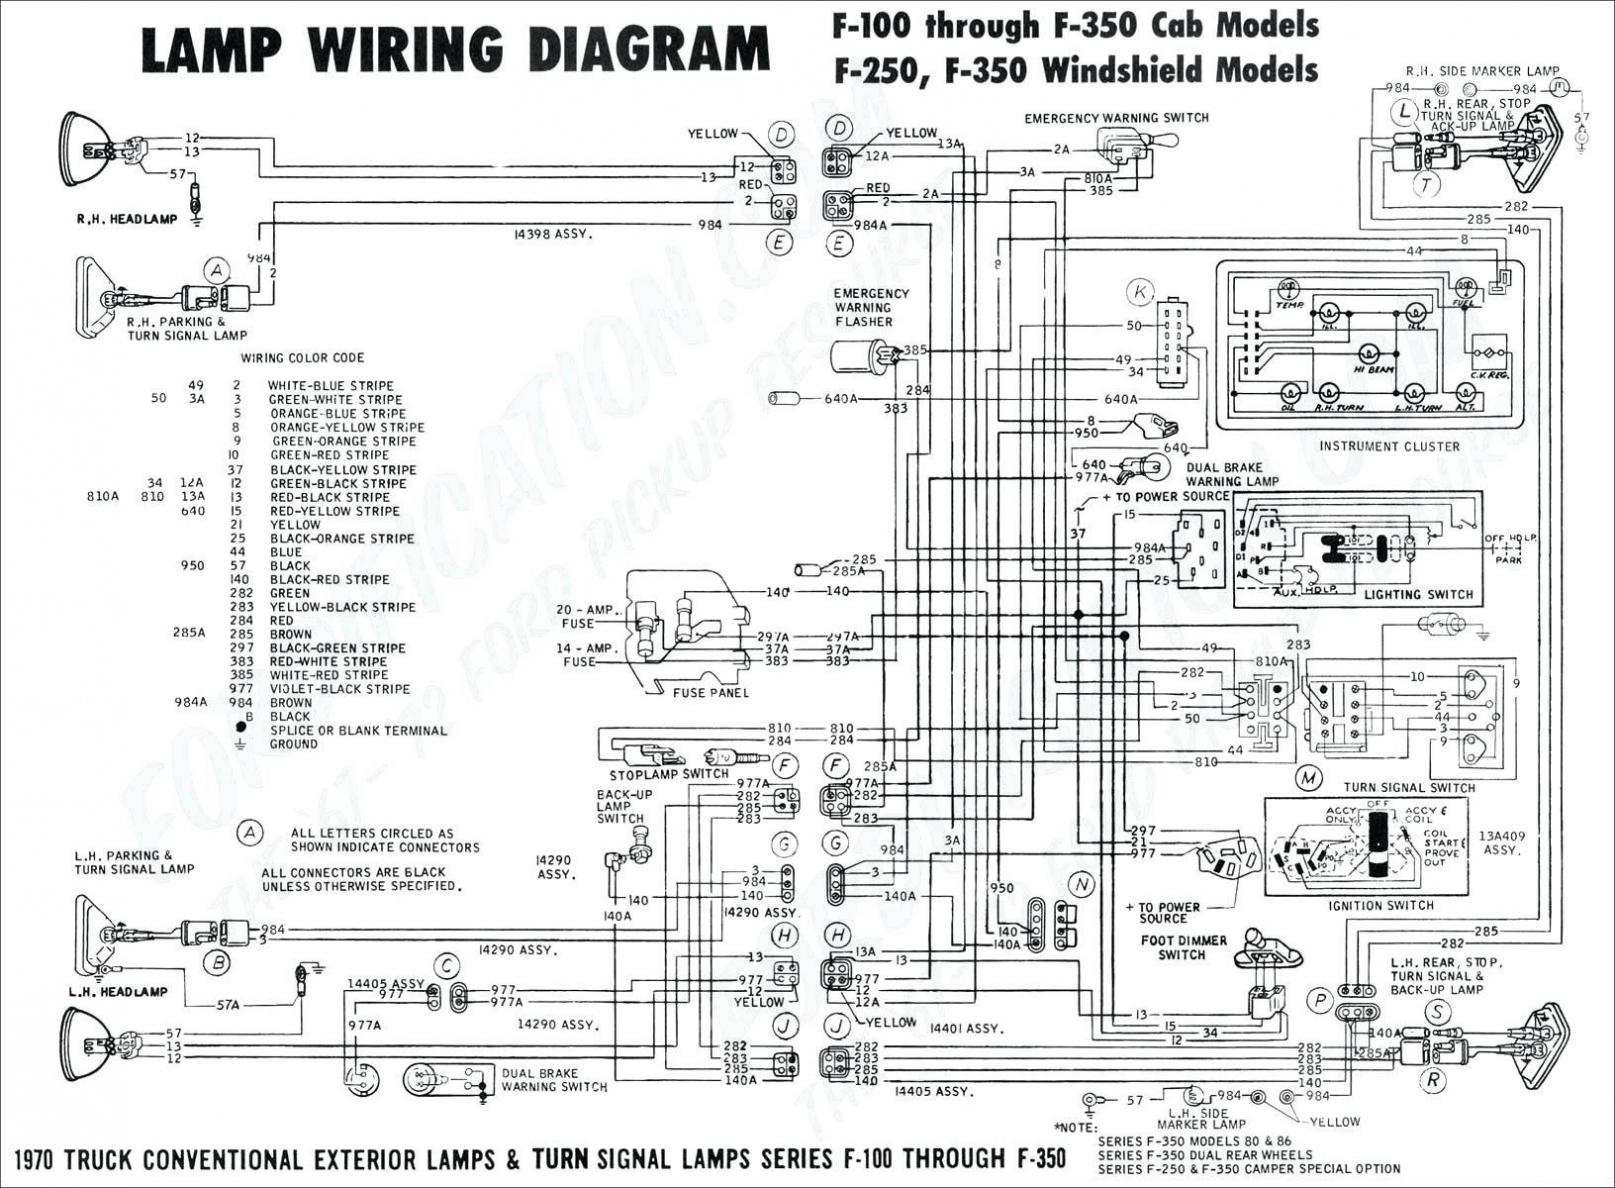 Unique Western Plow Wiring Diagram Wiring – Wiring Diagram - Western Plow Wiring Diagram